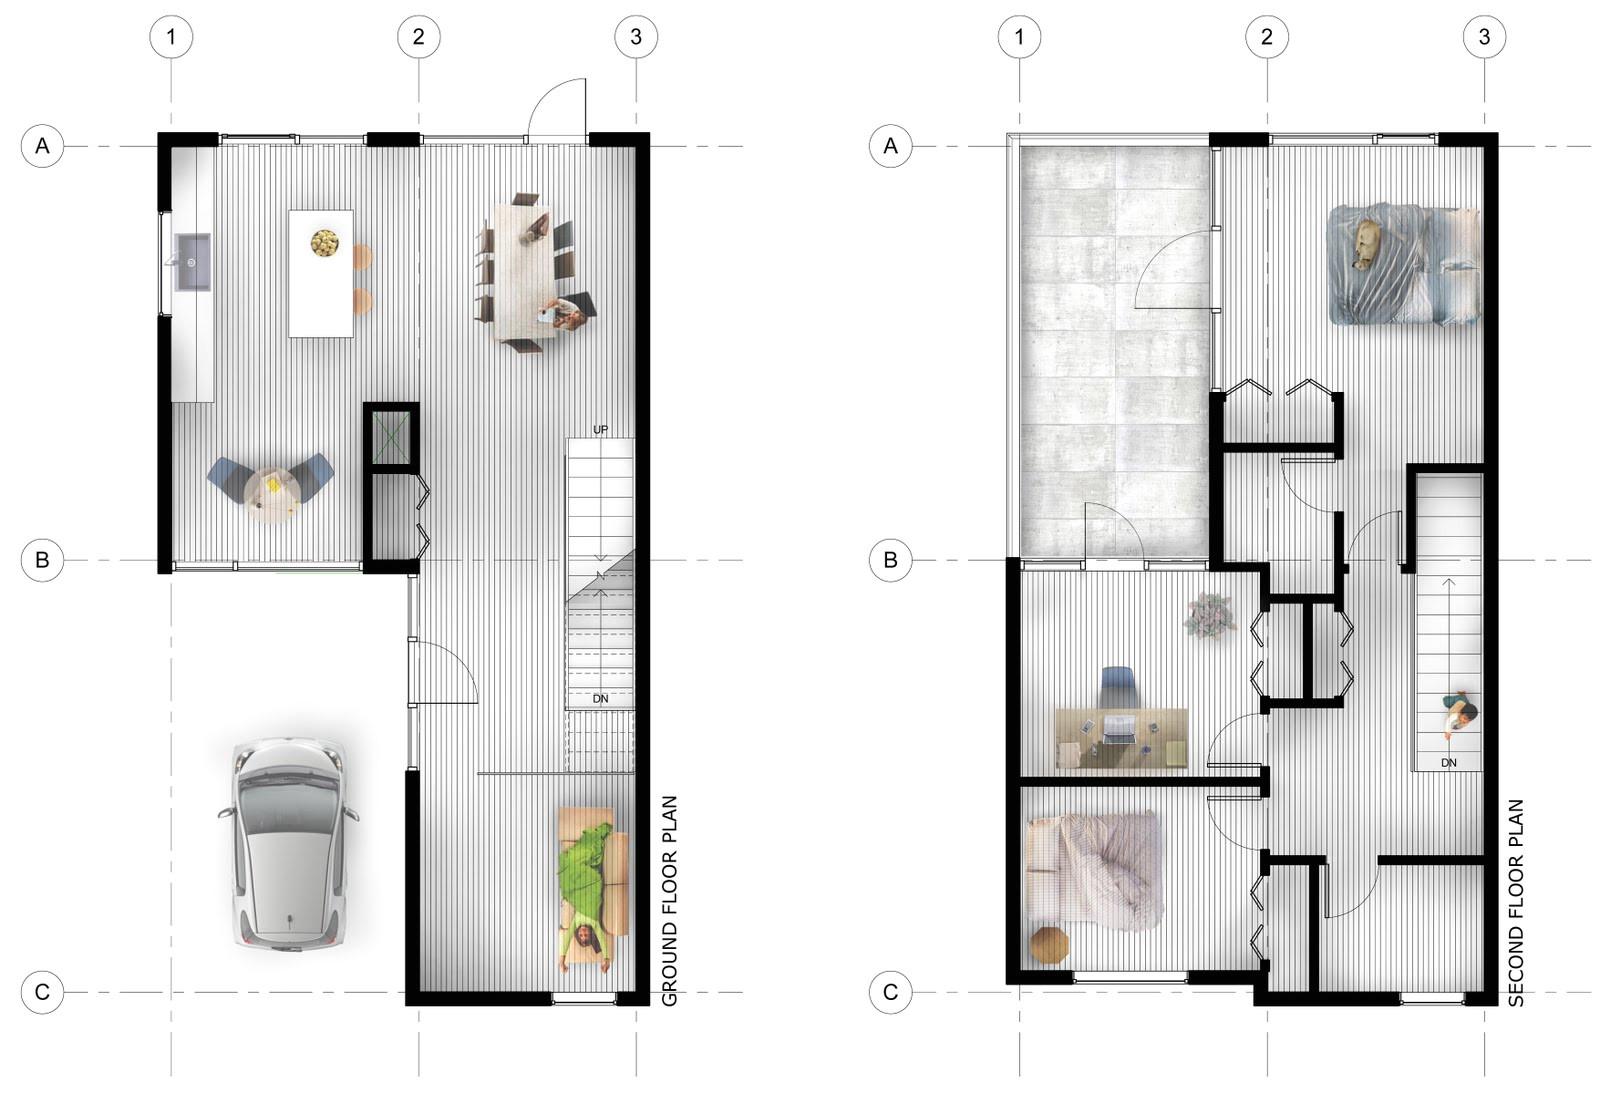 17 stunning urban infill house plans